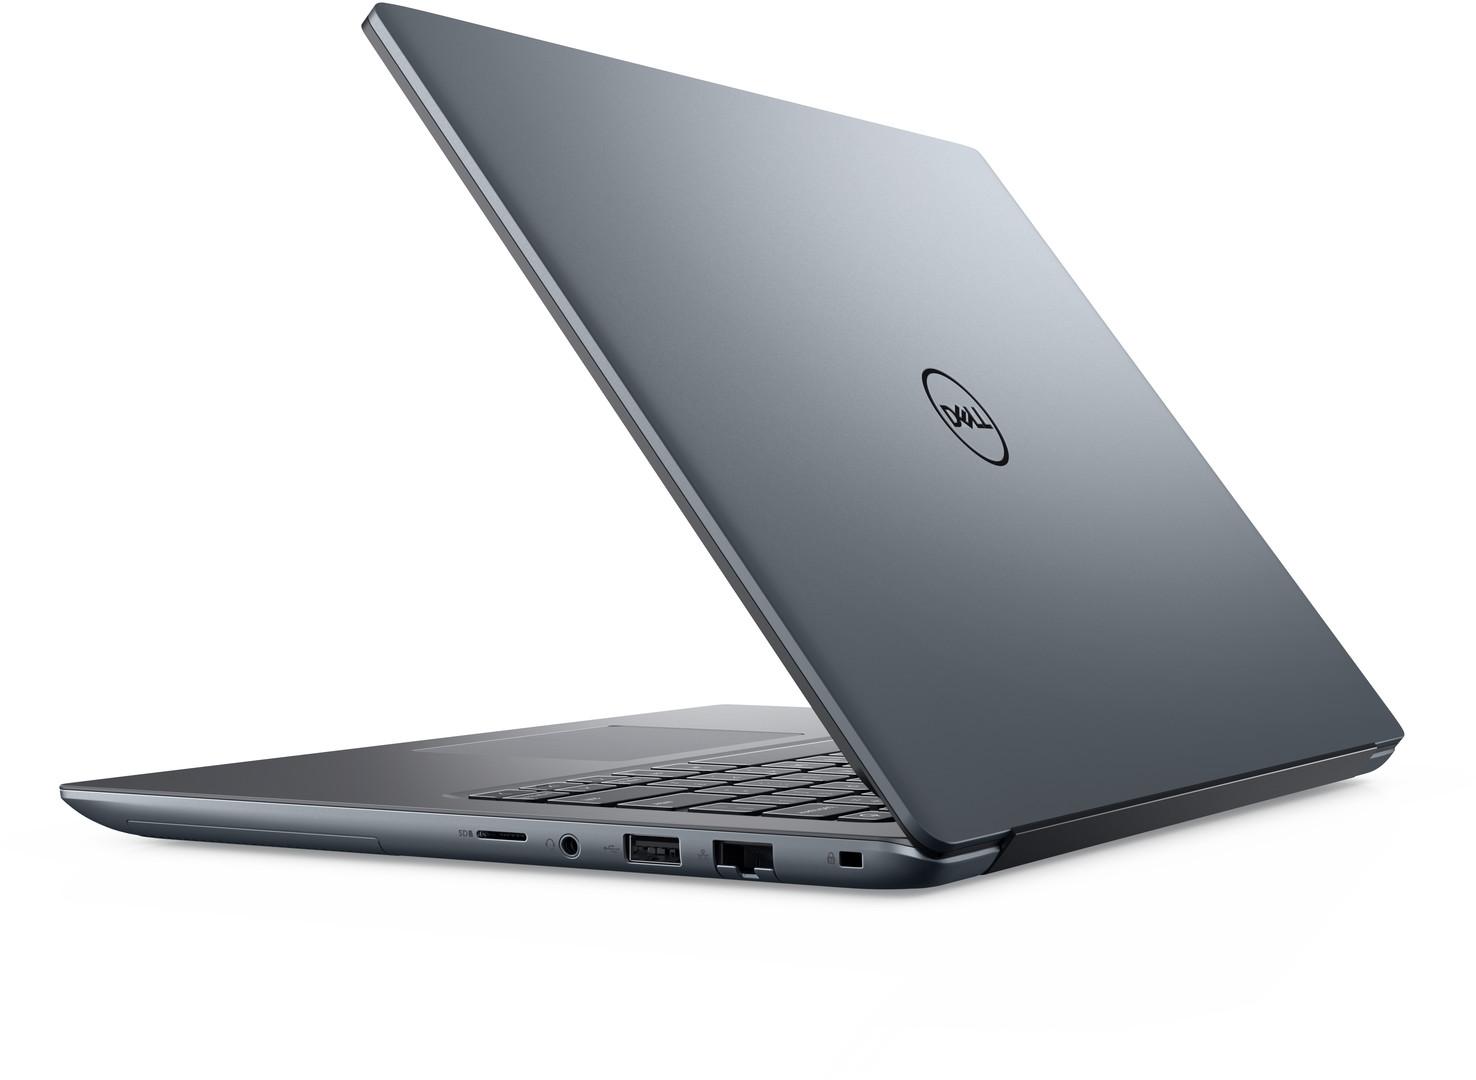 Notebook Dell: confira review e análise dos melhores